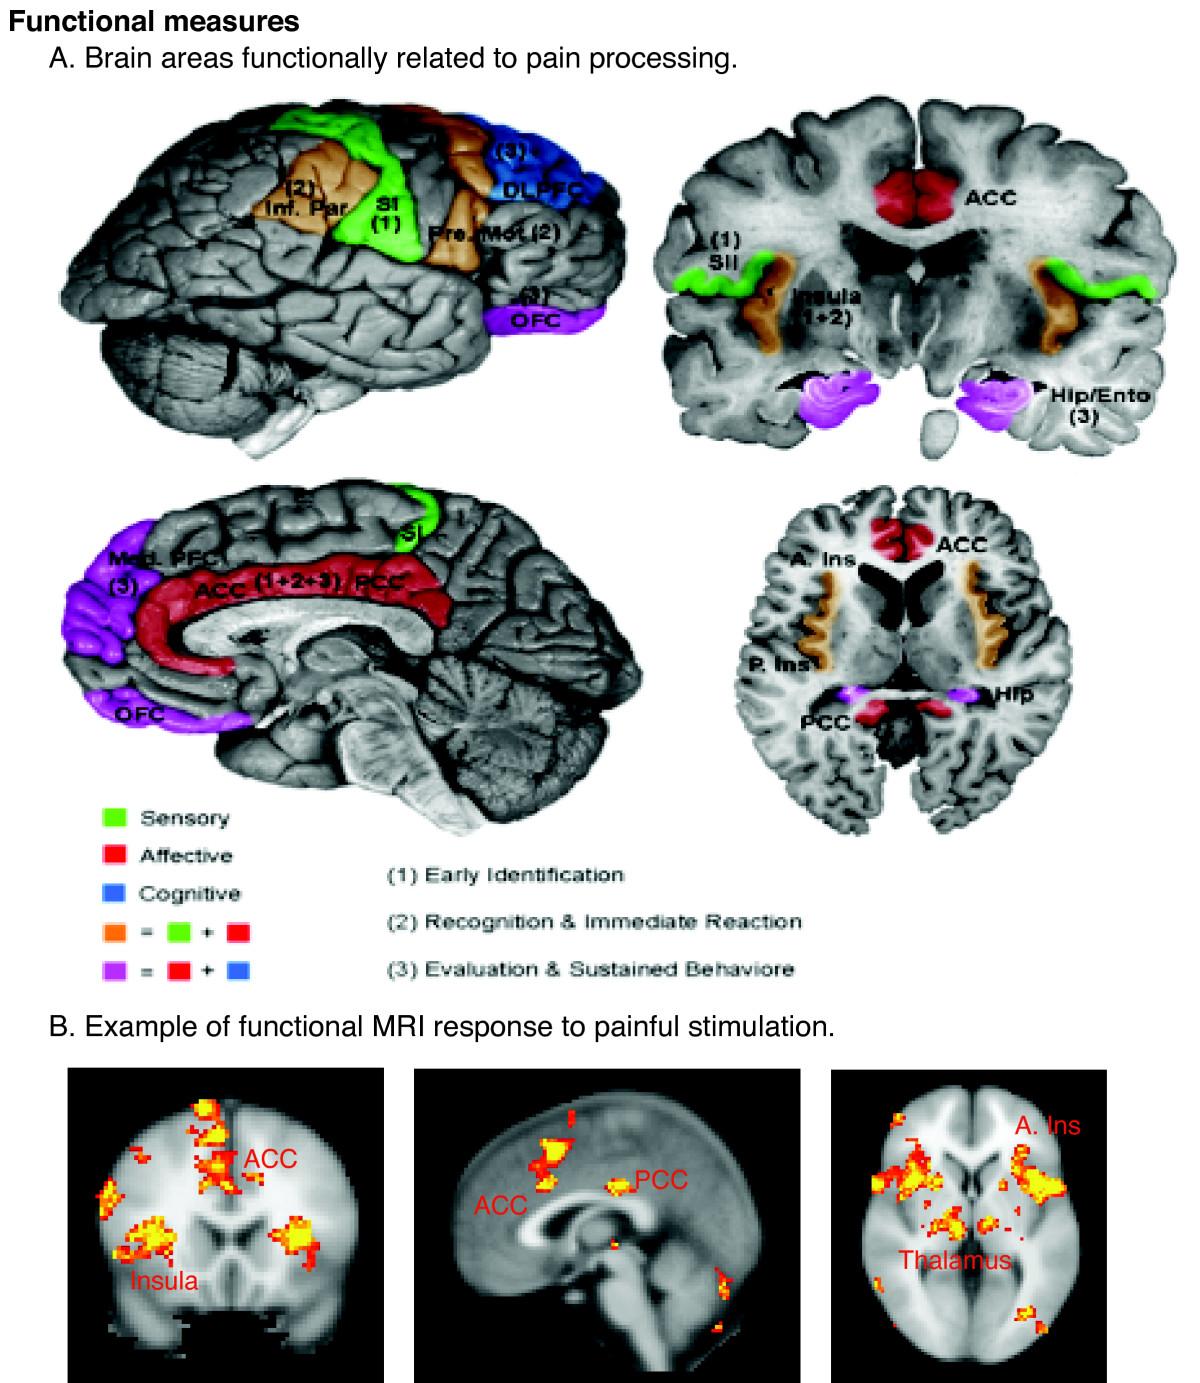 Acı Çeken Beynin fMRI Görüntüsü